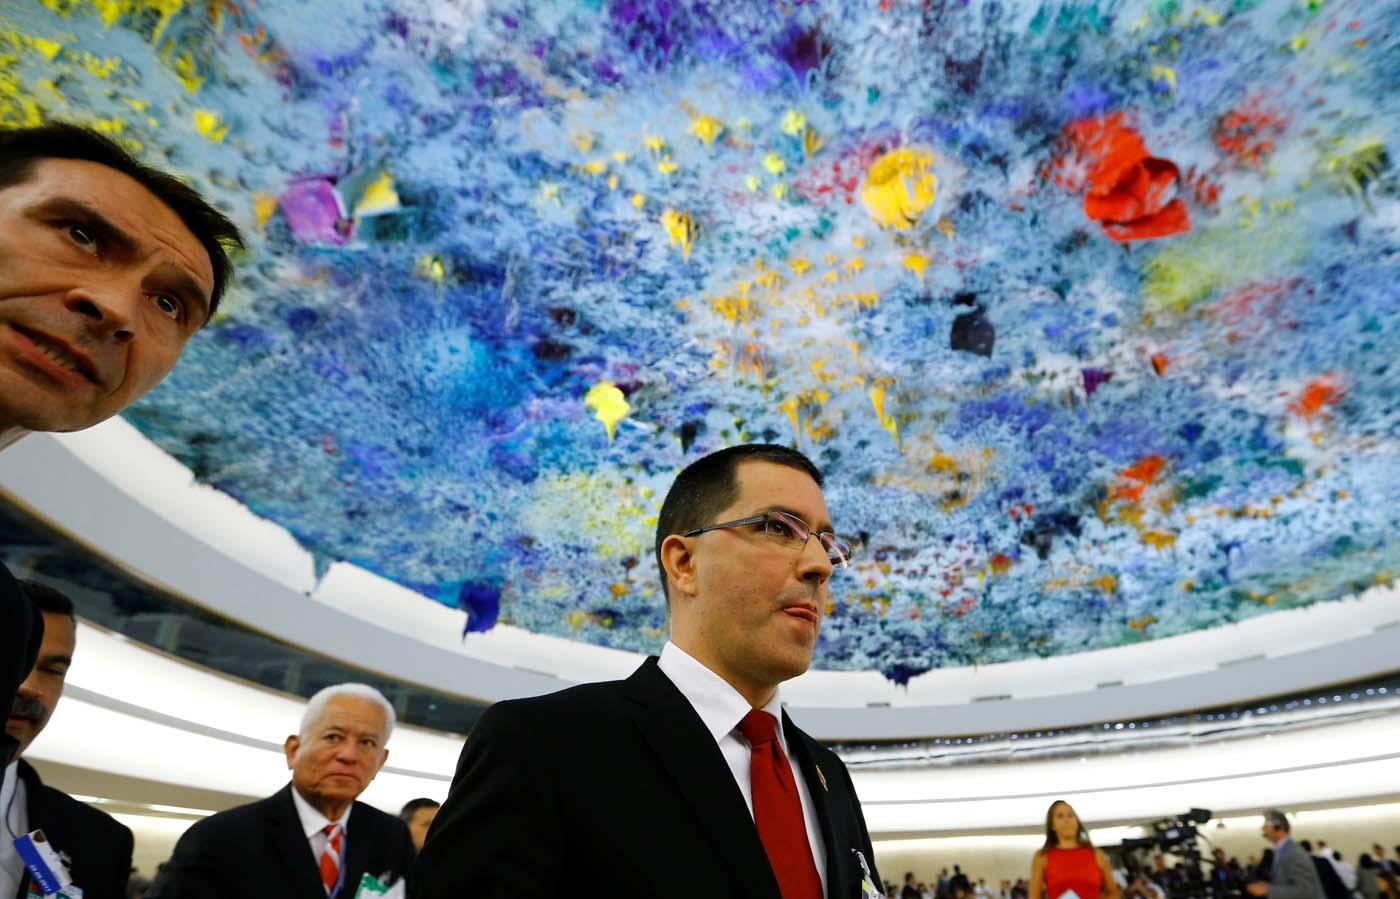 Latinoamérica llega a la ONU con más inestabilidad y mirada puesta en Venezuela